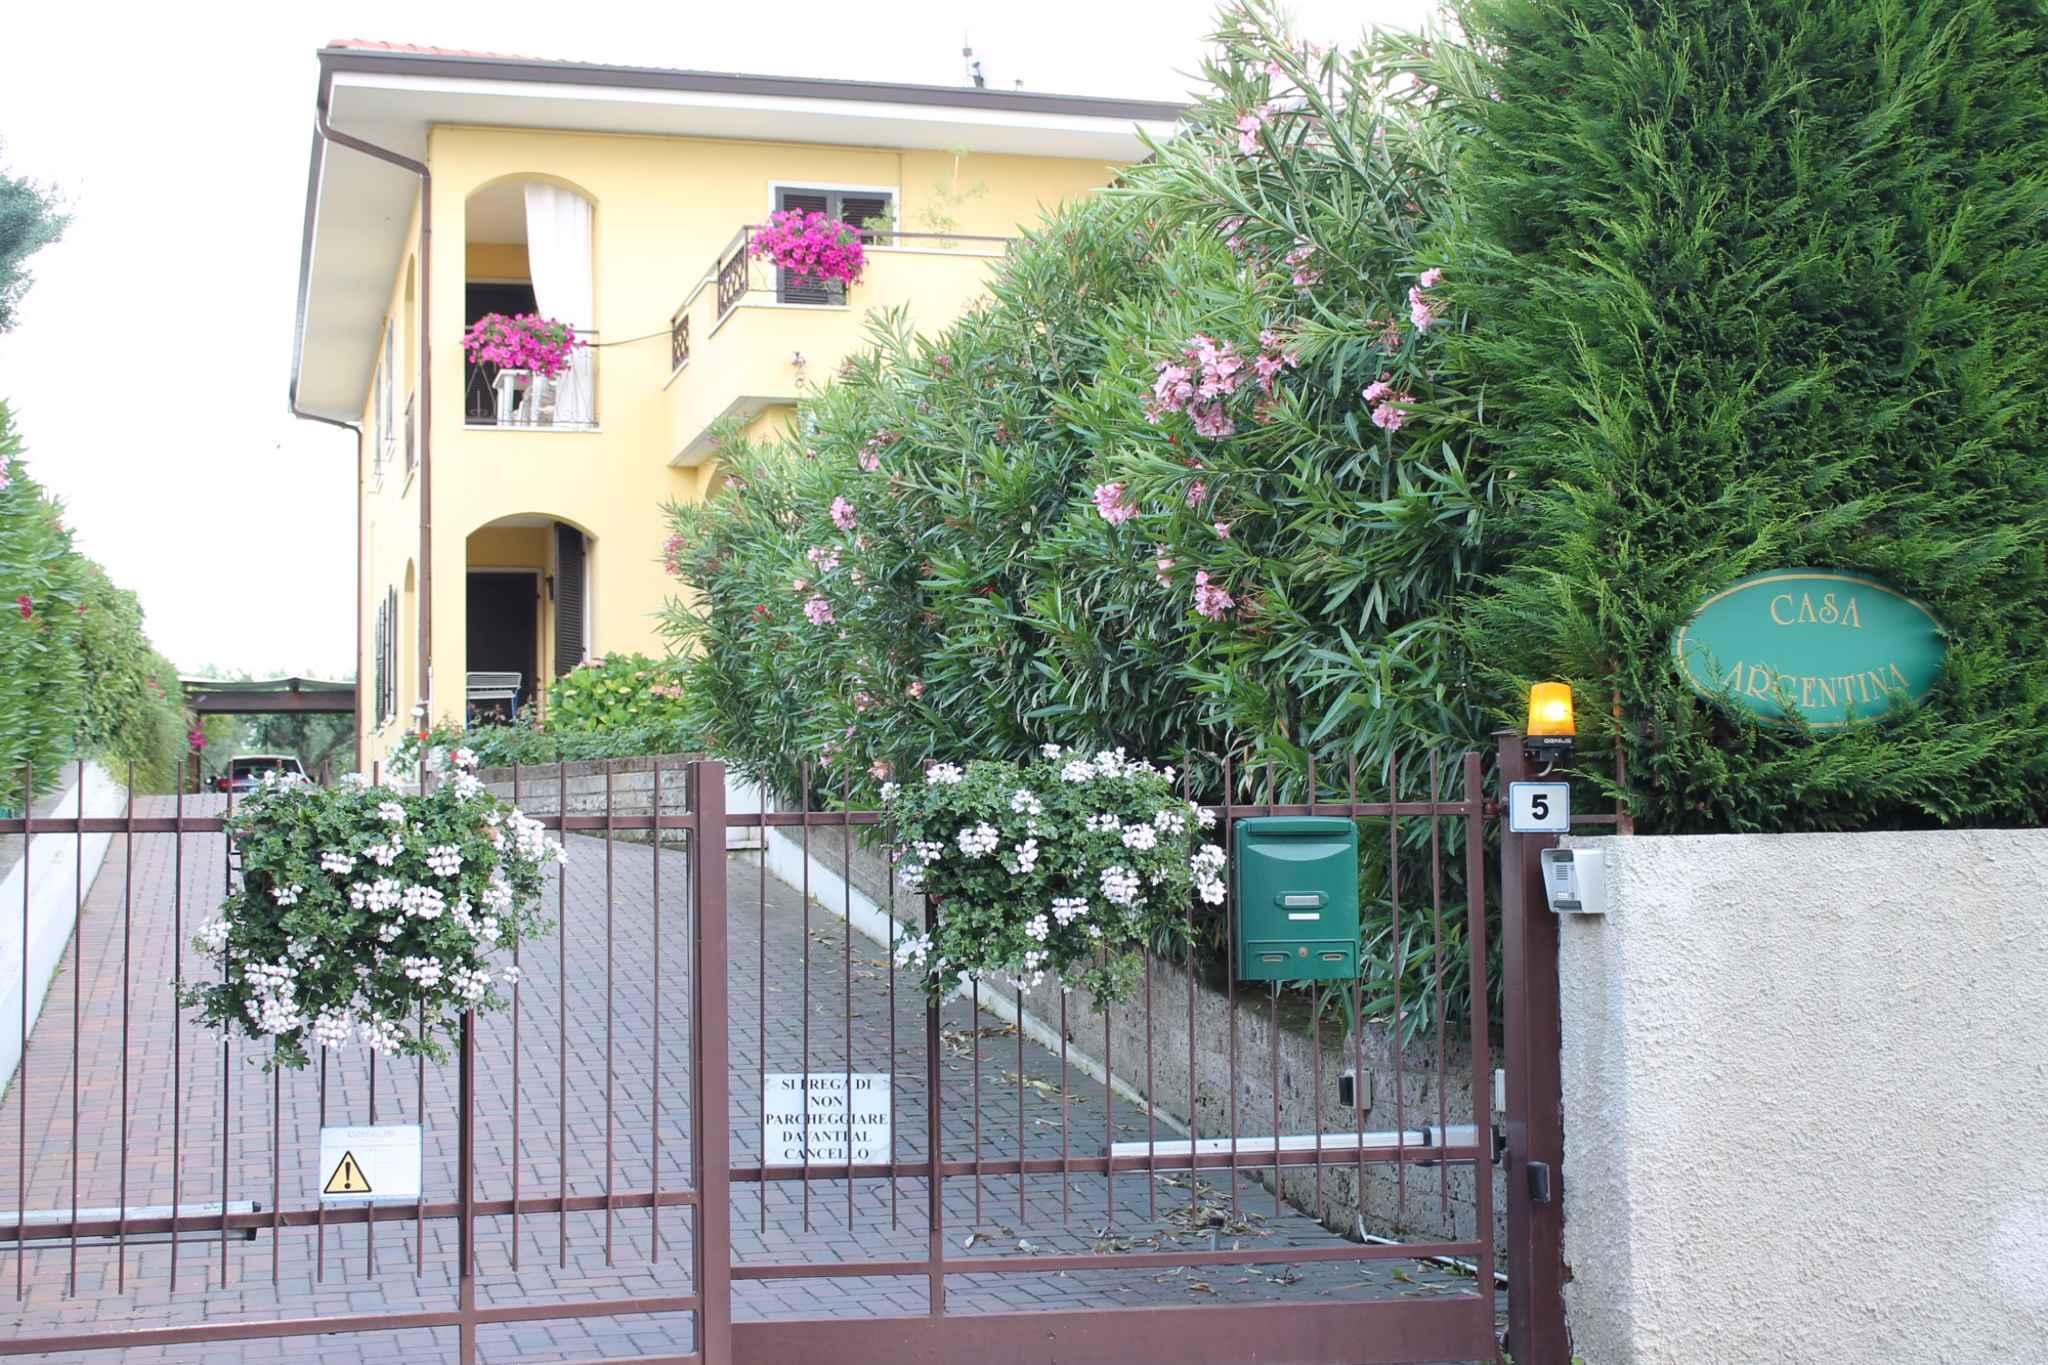 Ferienwohnung con balcone (480312), Lazise, Gardasee, Venetien, Italien, Bild 16